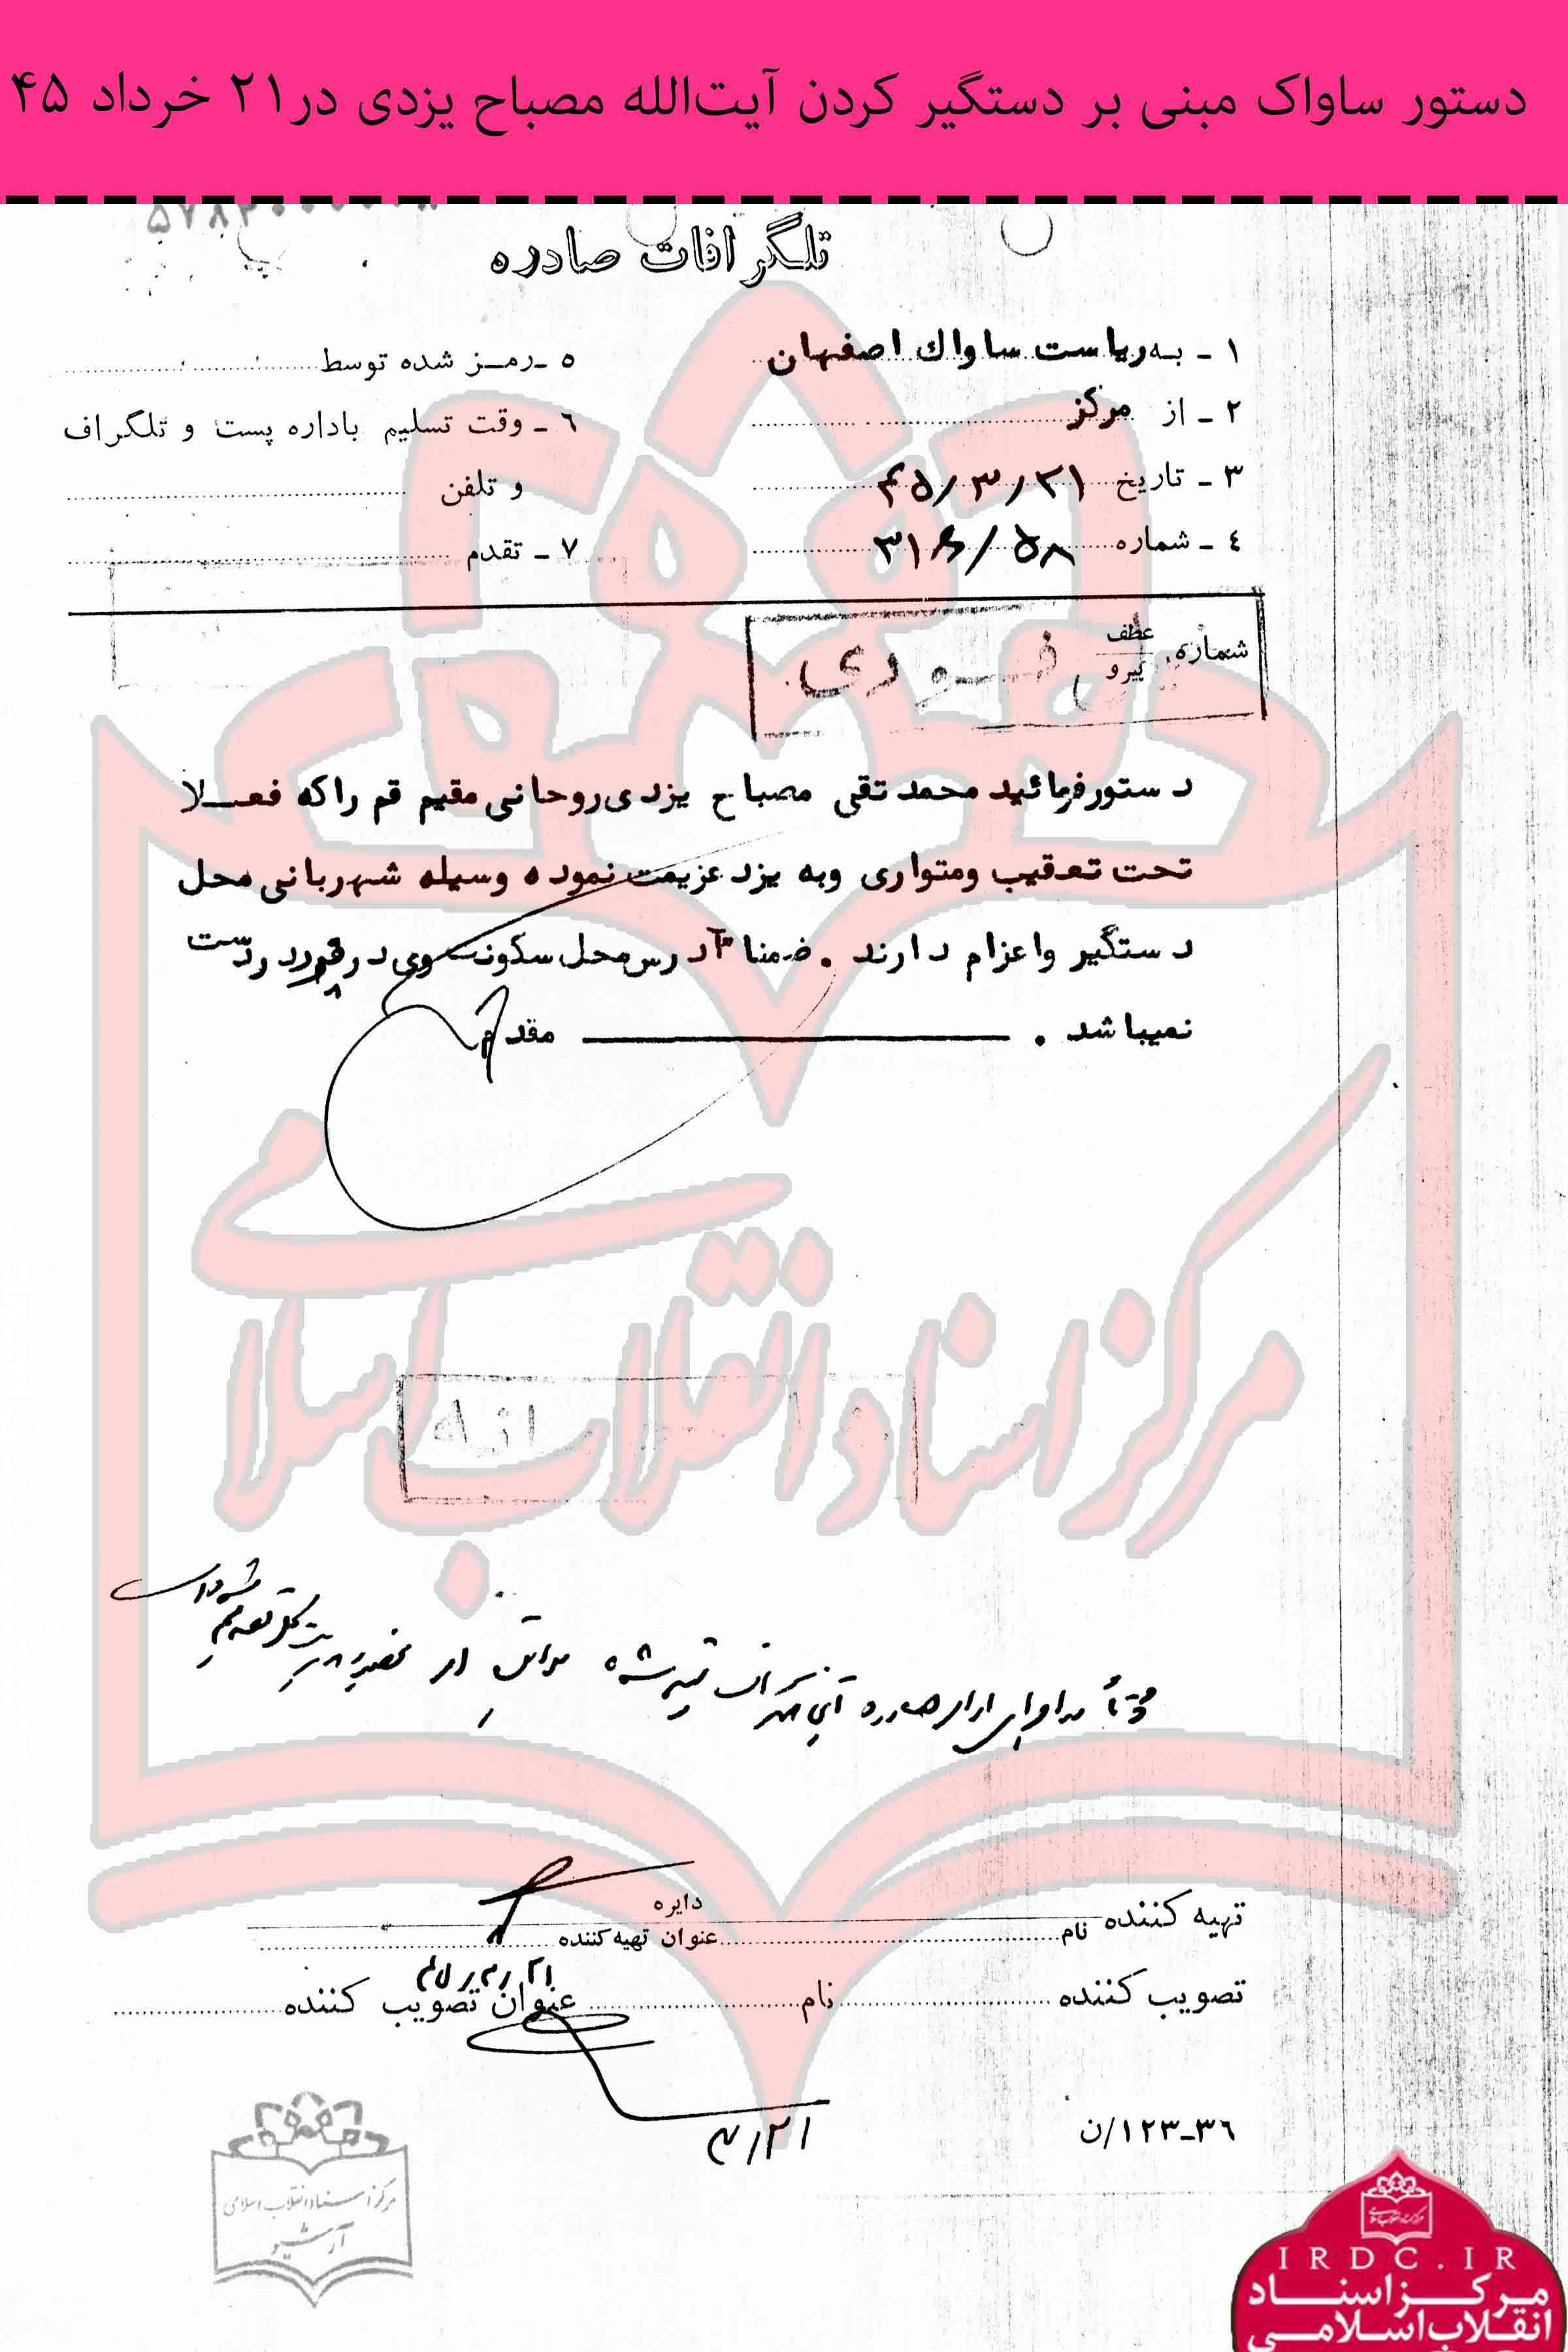 سند شماره 6: دستور ساواک مرکز مبنی بر دستگیری آیت الله مصباح یزدی در 21 خرداد 45